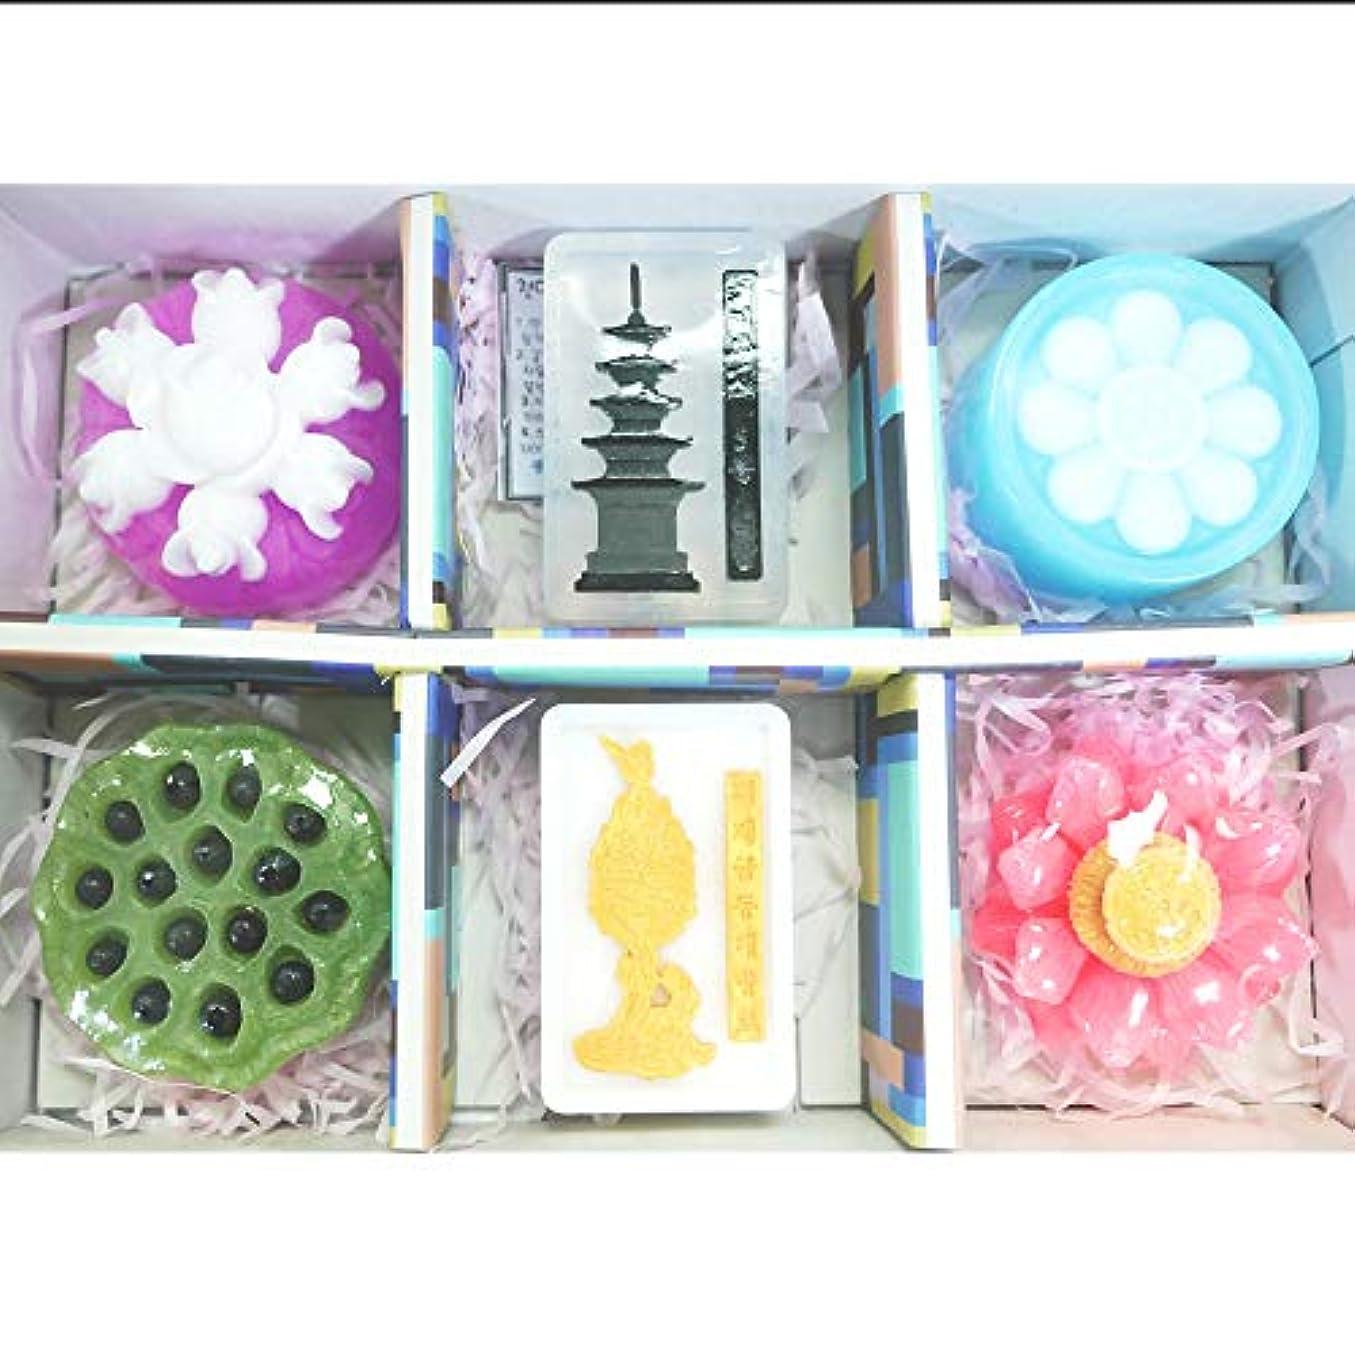 [ソドン] 韓国 百済 手漉き石鹸 1 セット(3.5オンスx 6石鹸)